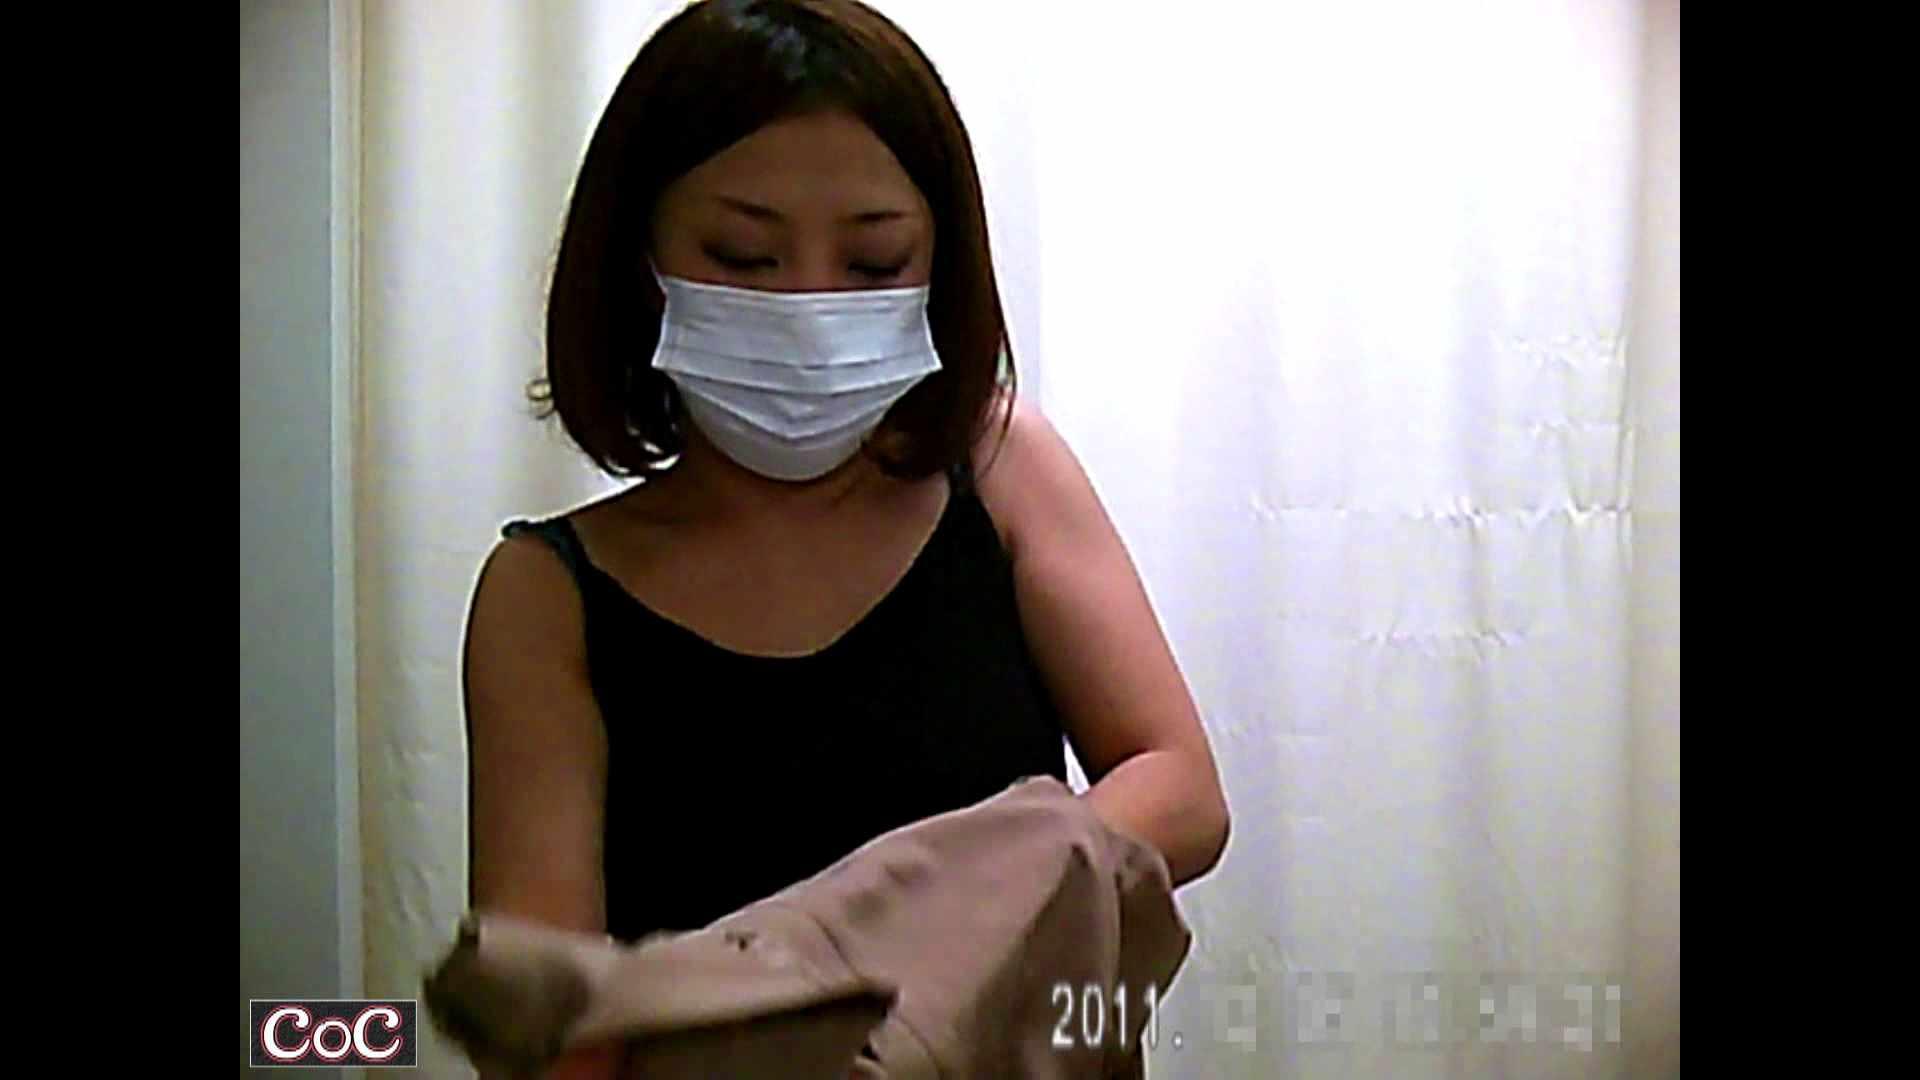 元医者による反抗 更衣室地獄絵巻 vol.184 OL  72pic 42